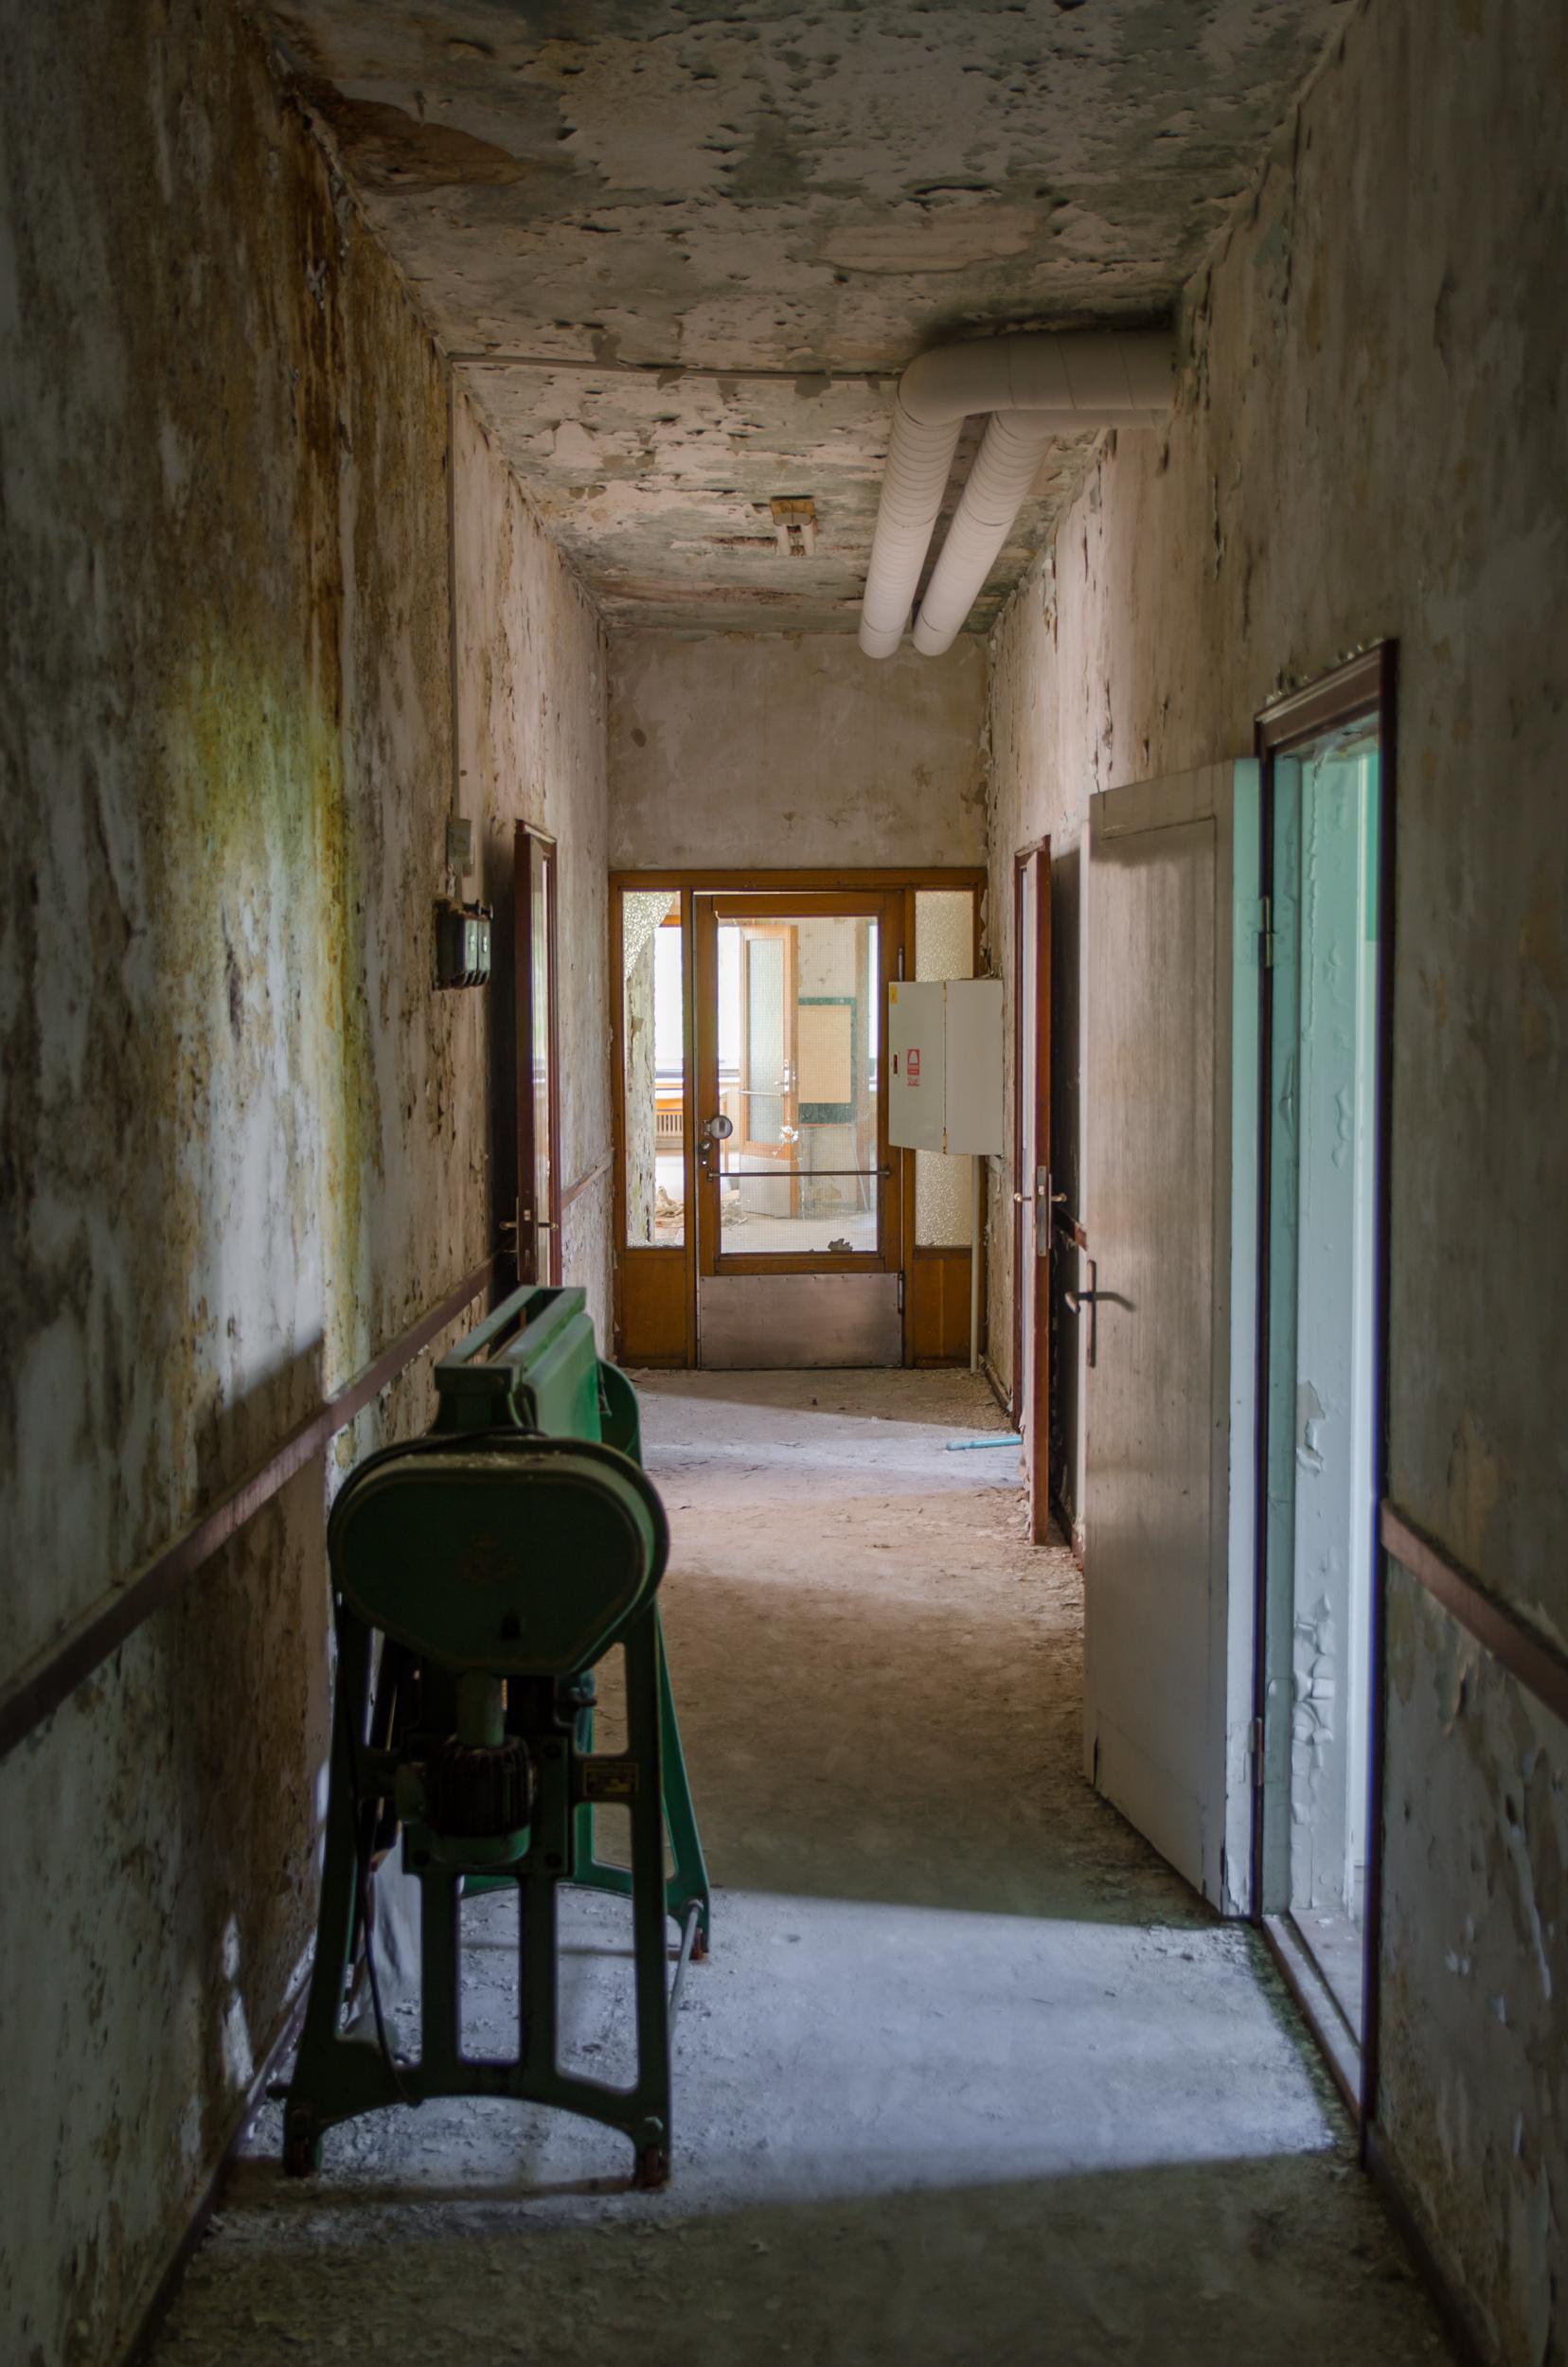 Sandträsk sanatorium. Så nedgånget och går nog knappast att rädda. Det räcker inte med några hinkar färg och ett glatt humör...